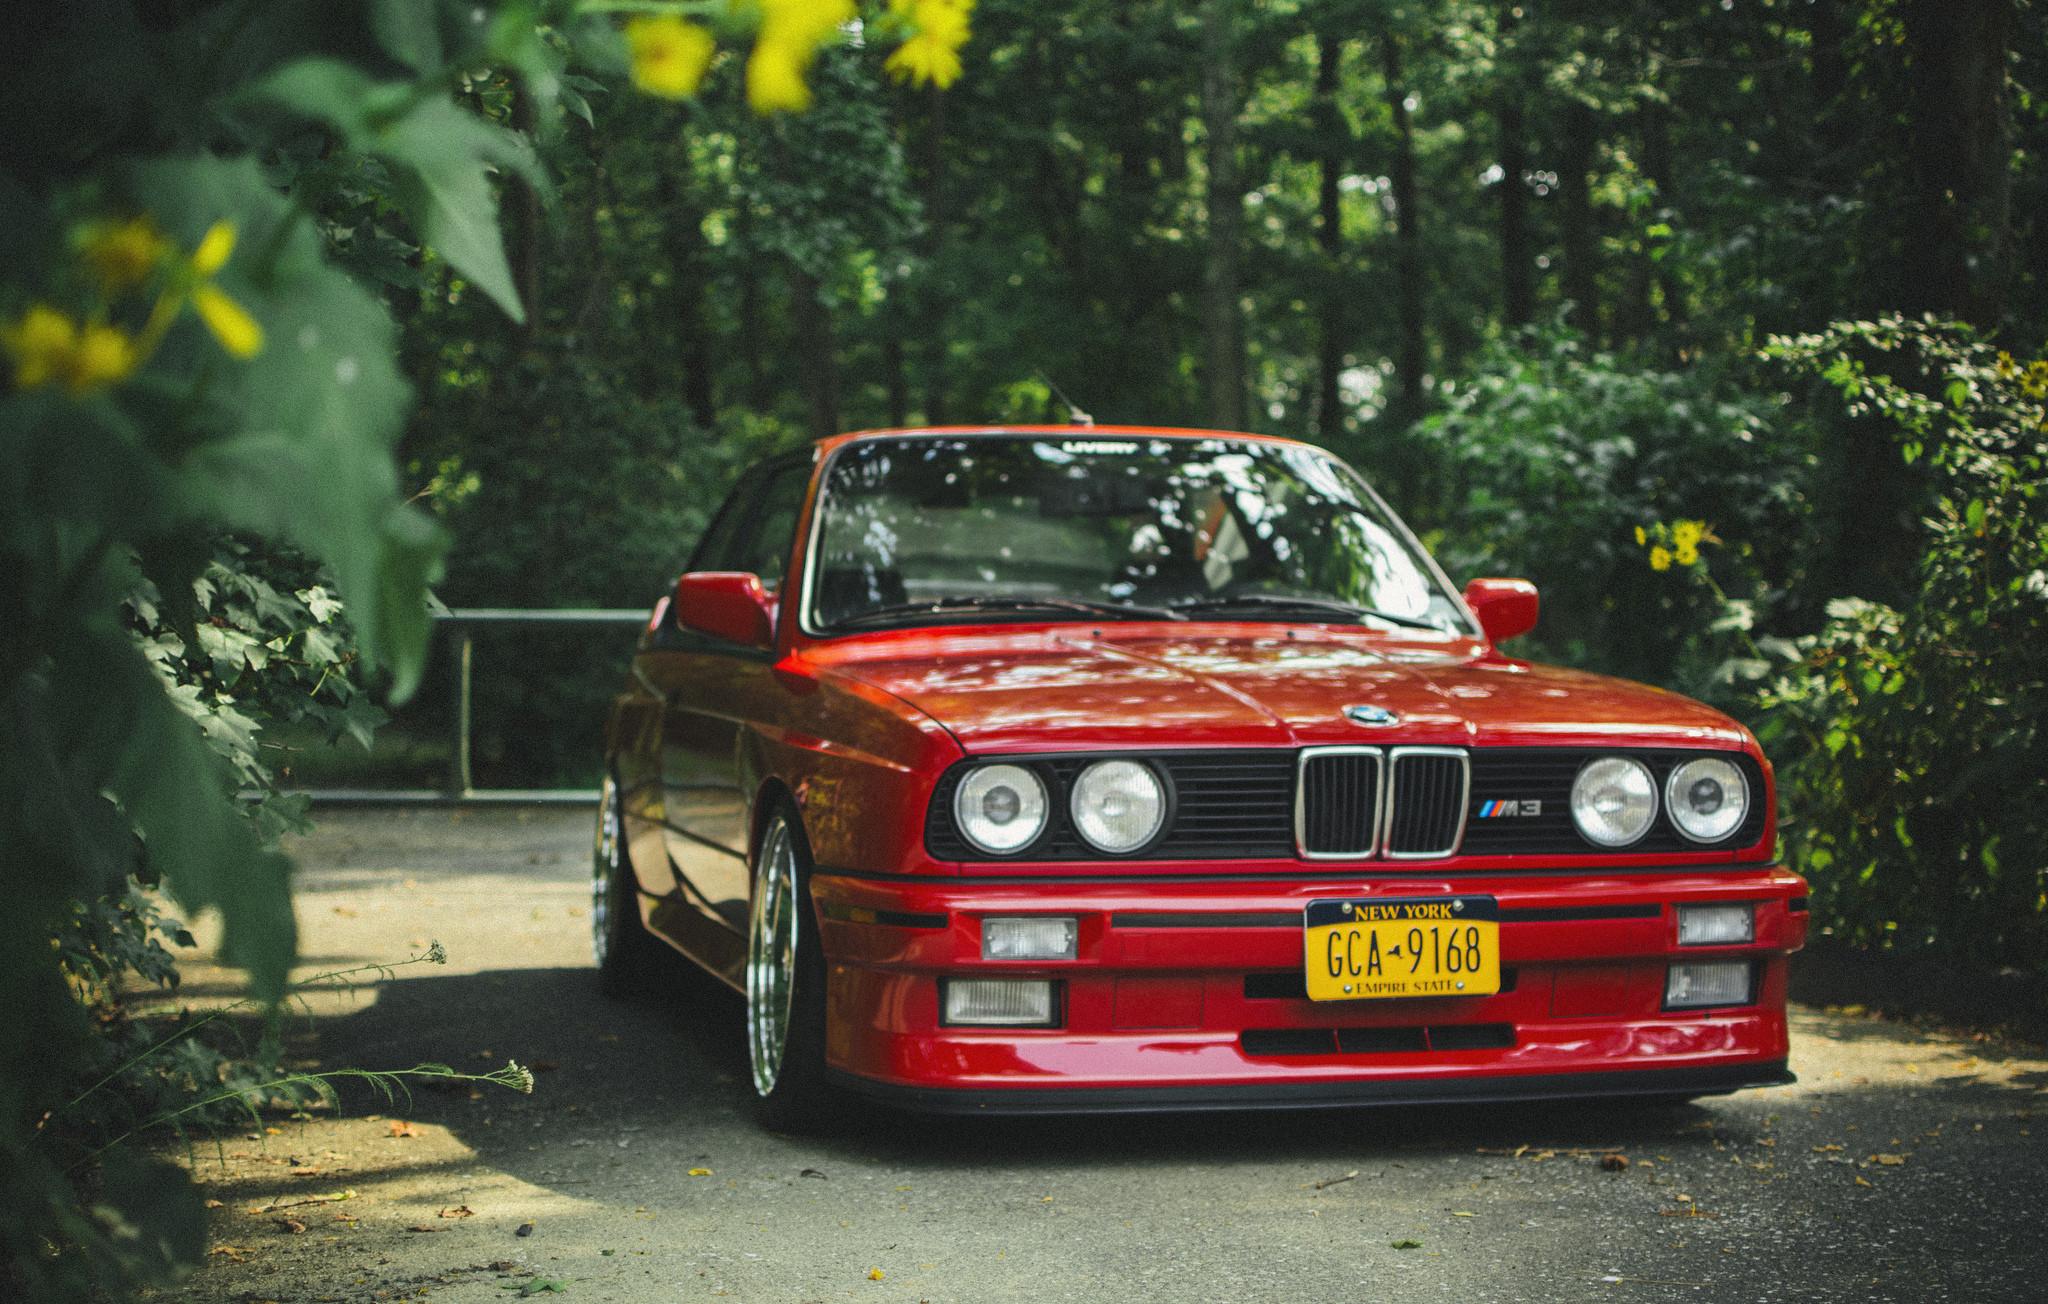 BMW E30 Wallpaper HD (67+ images)